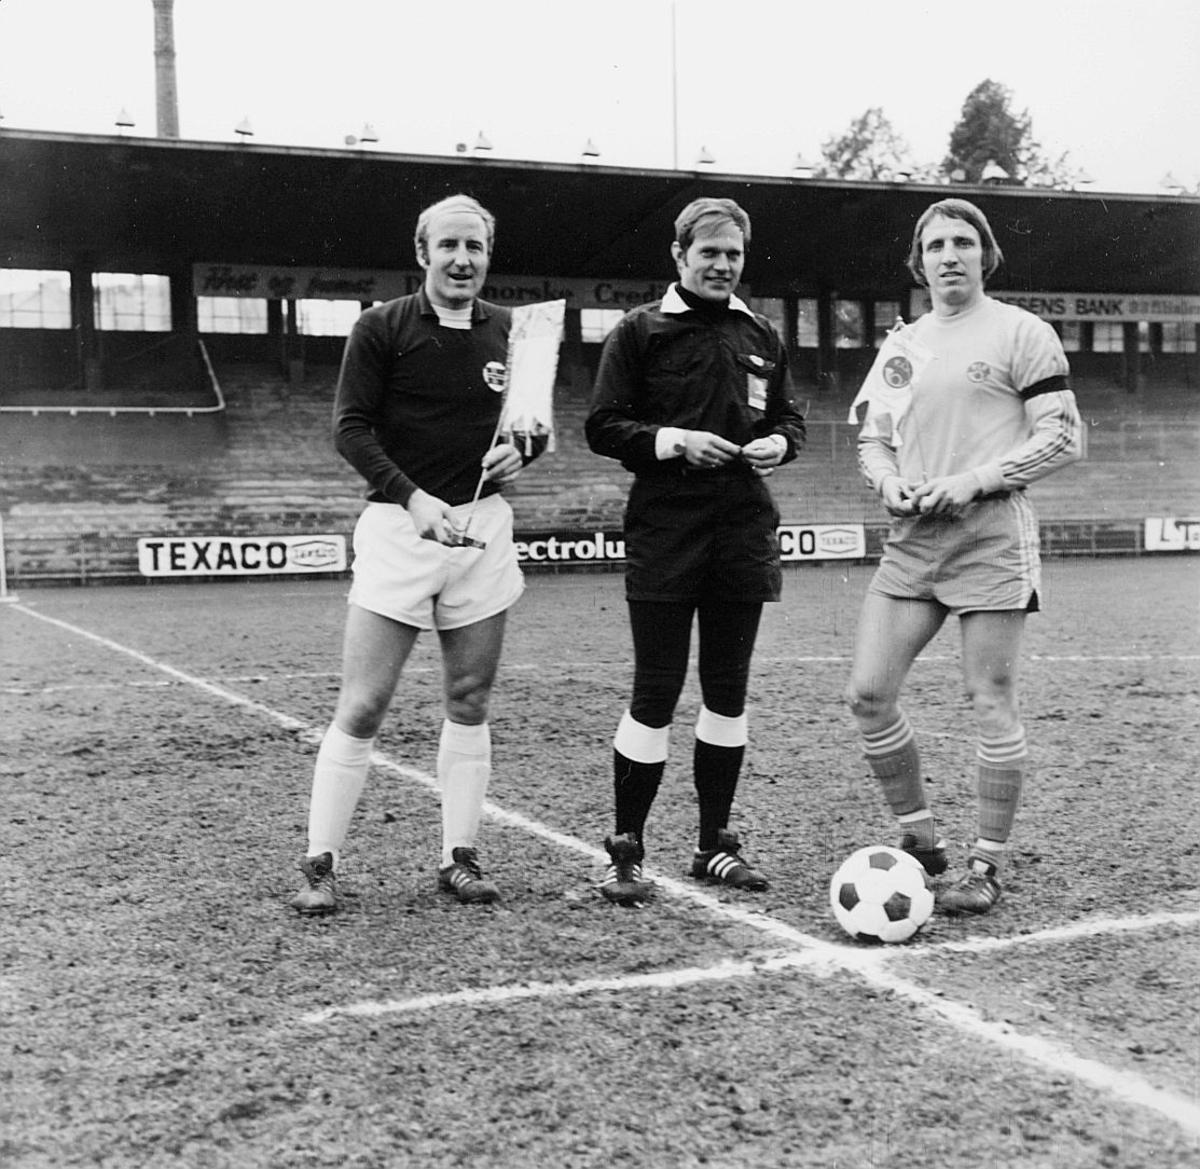 postidrett Bislet, EM kvalifisering fotball, 1 dommer, 2 menn